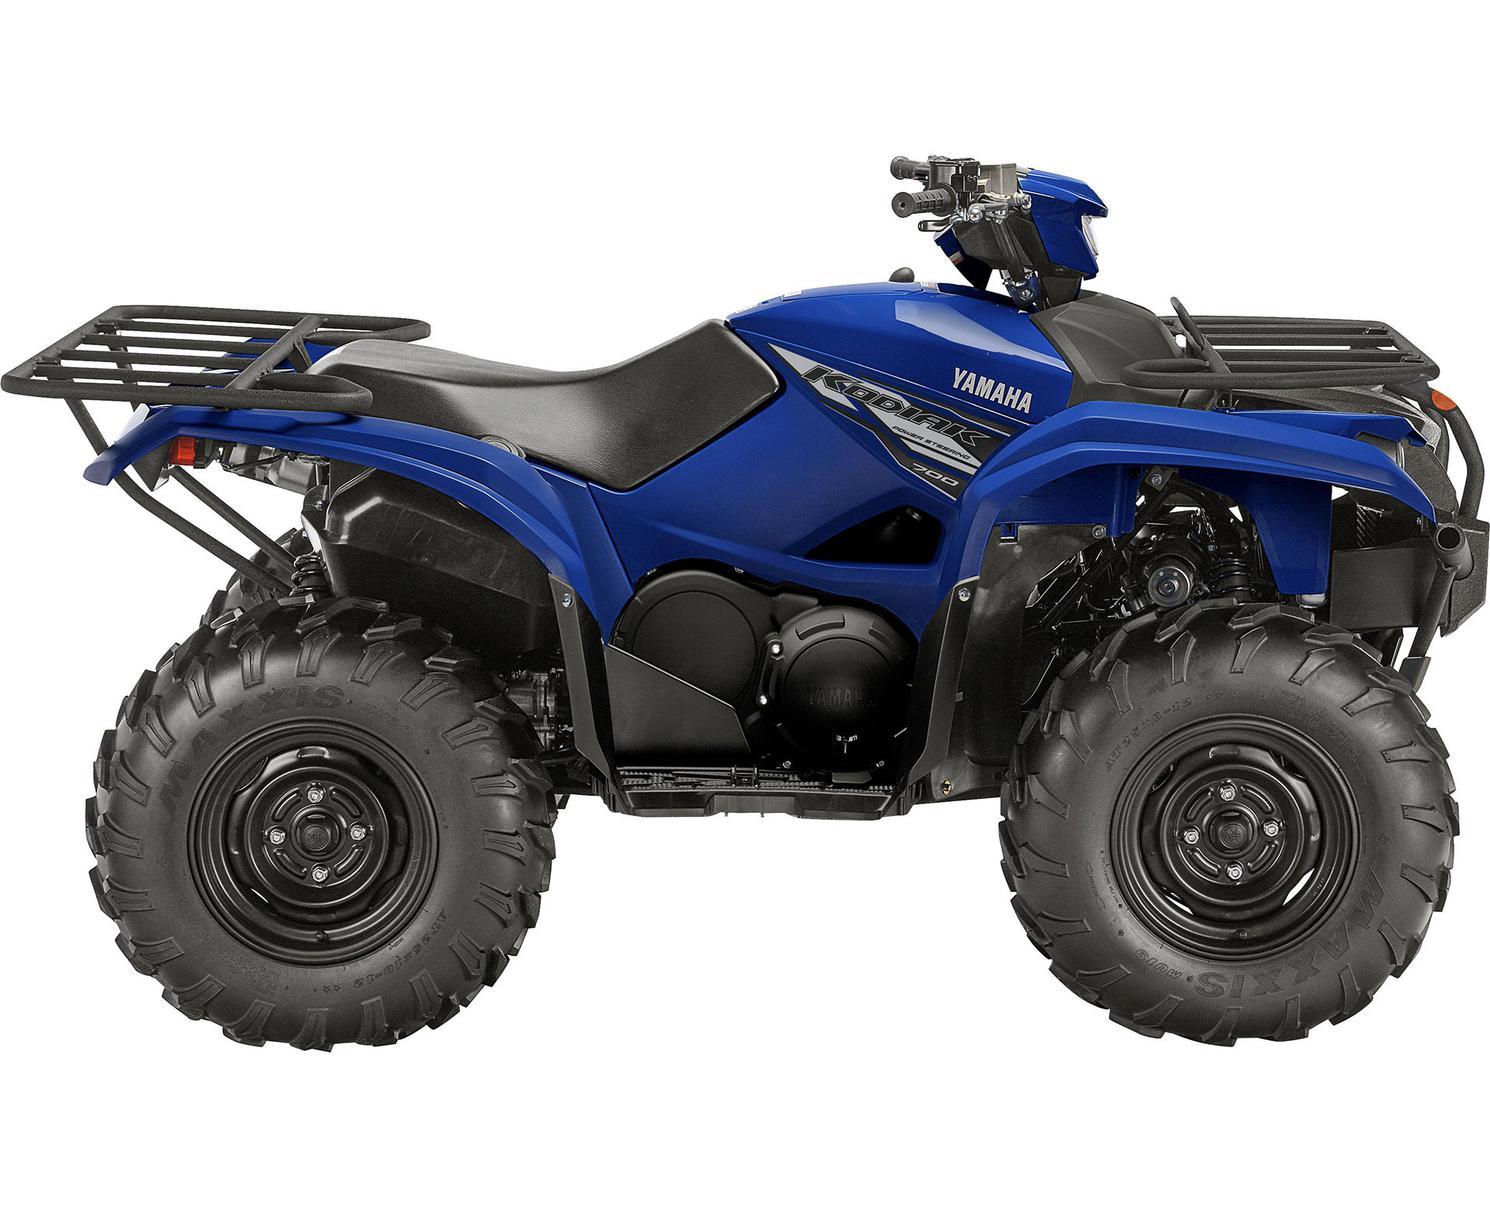 2021 Yamaha Kodiak 700 DAE